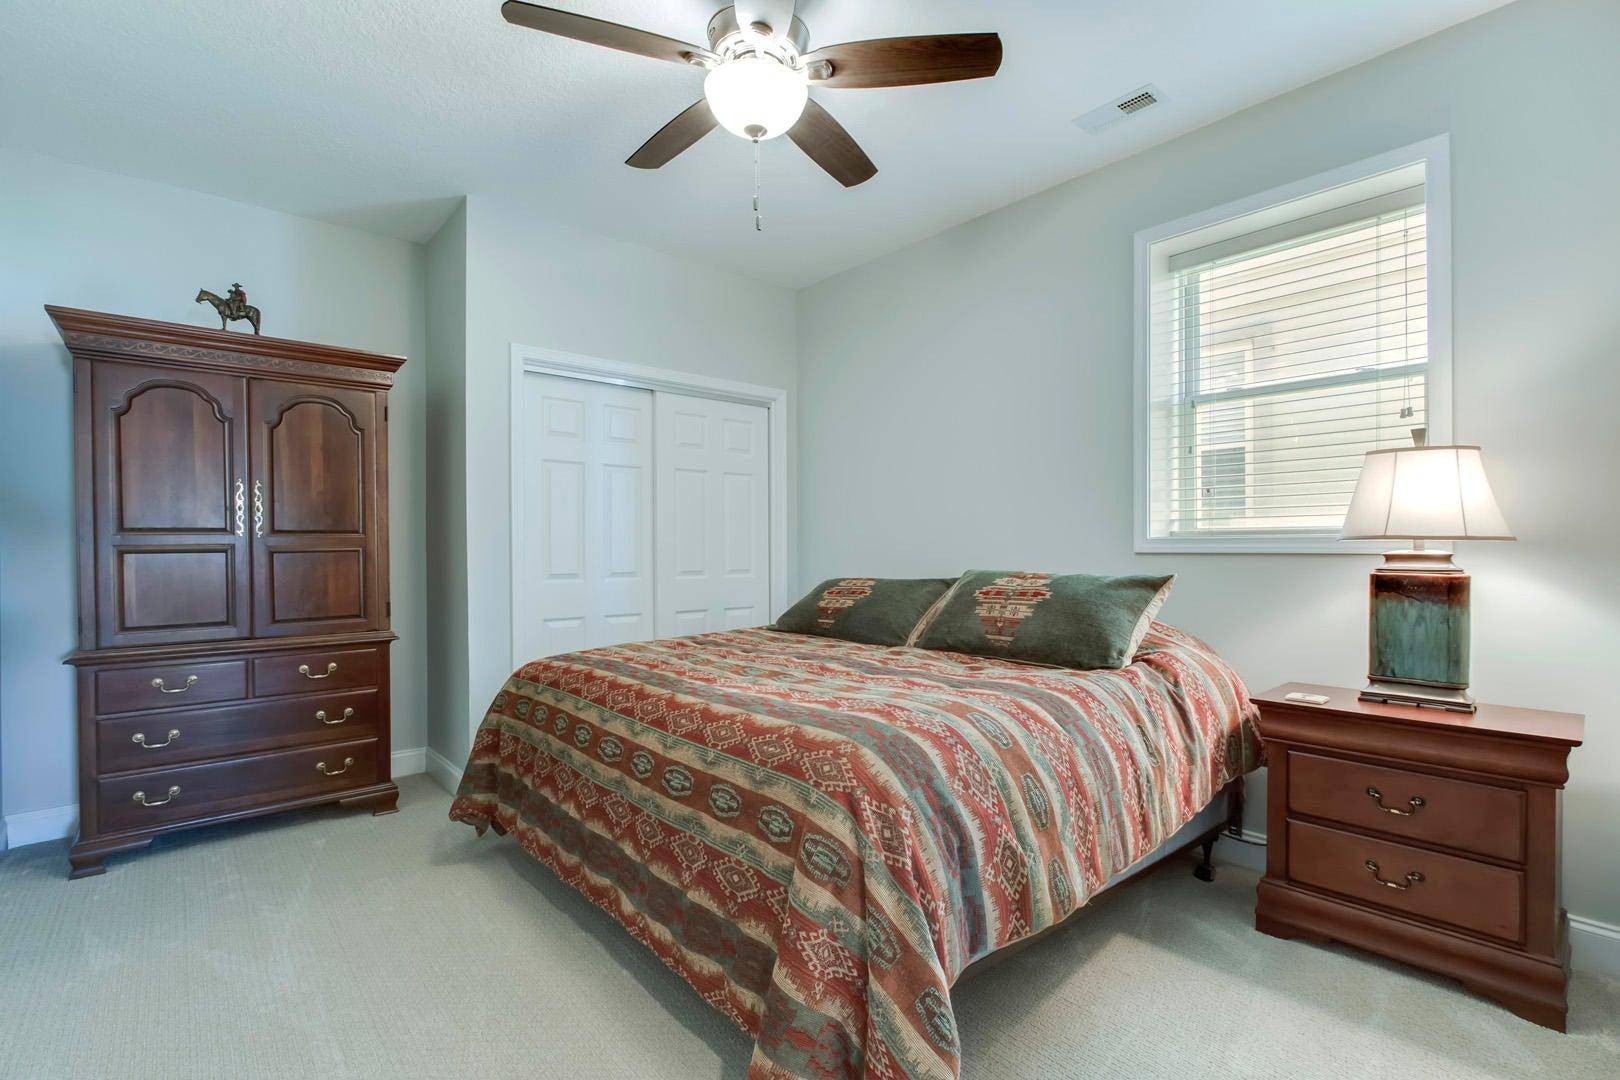 32_RarityBayParkway_929_Bedroom3